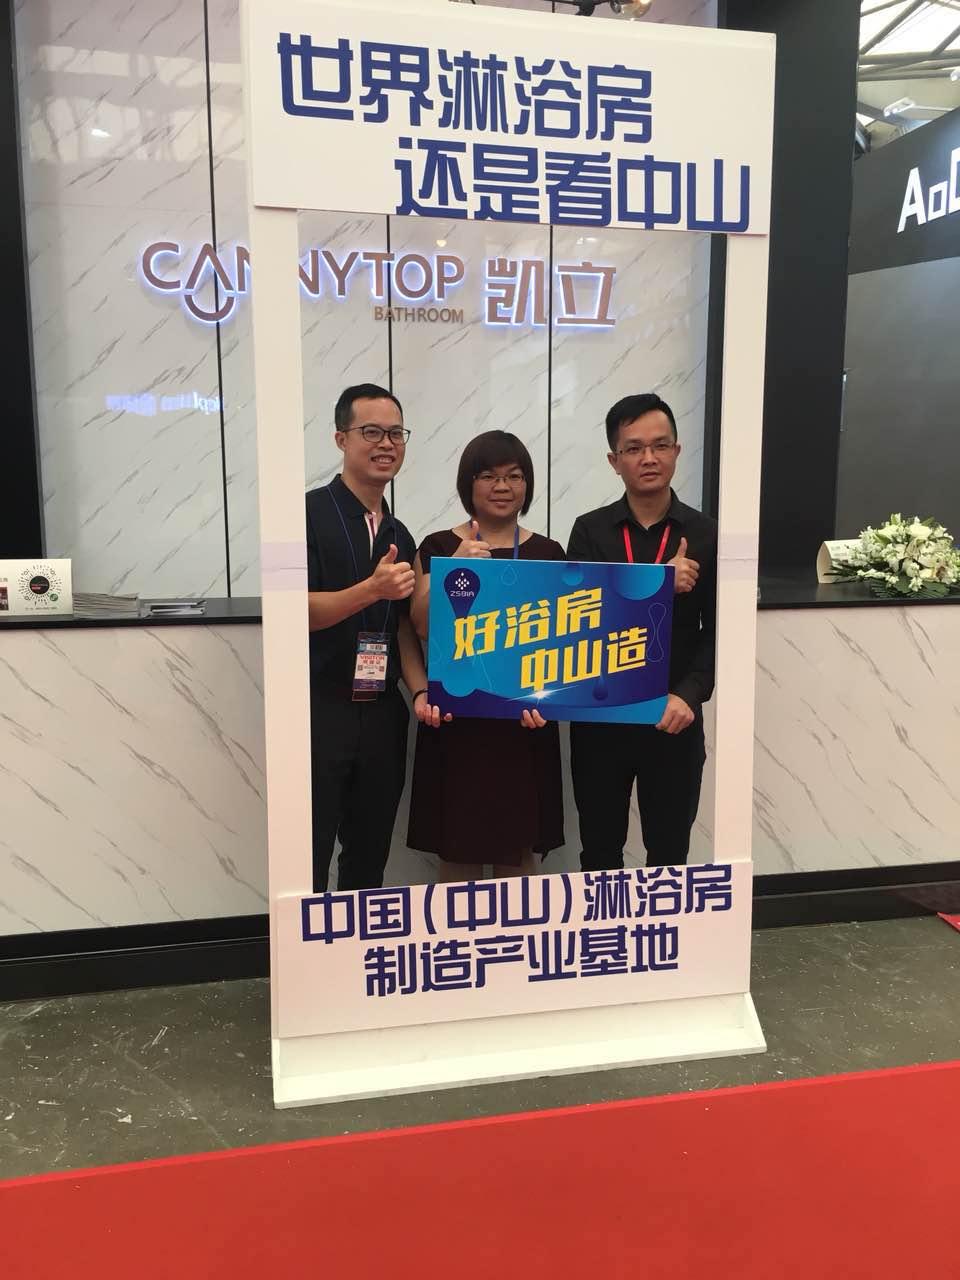 2018上海国际厨卫展圆满落幕 凯立期待与您下次相见!